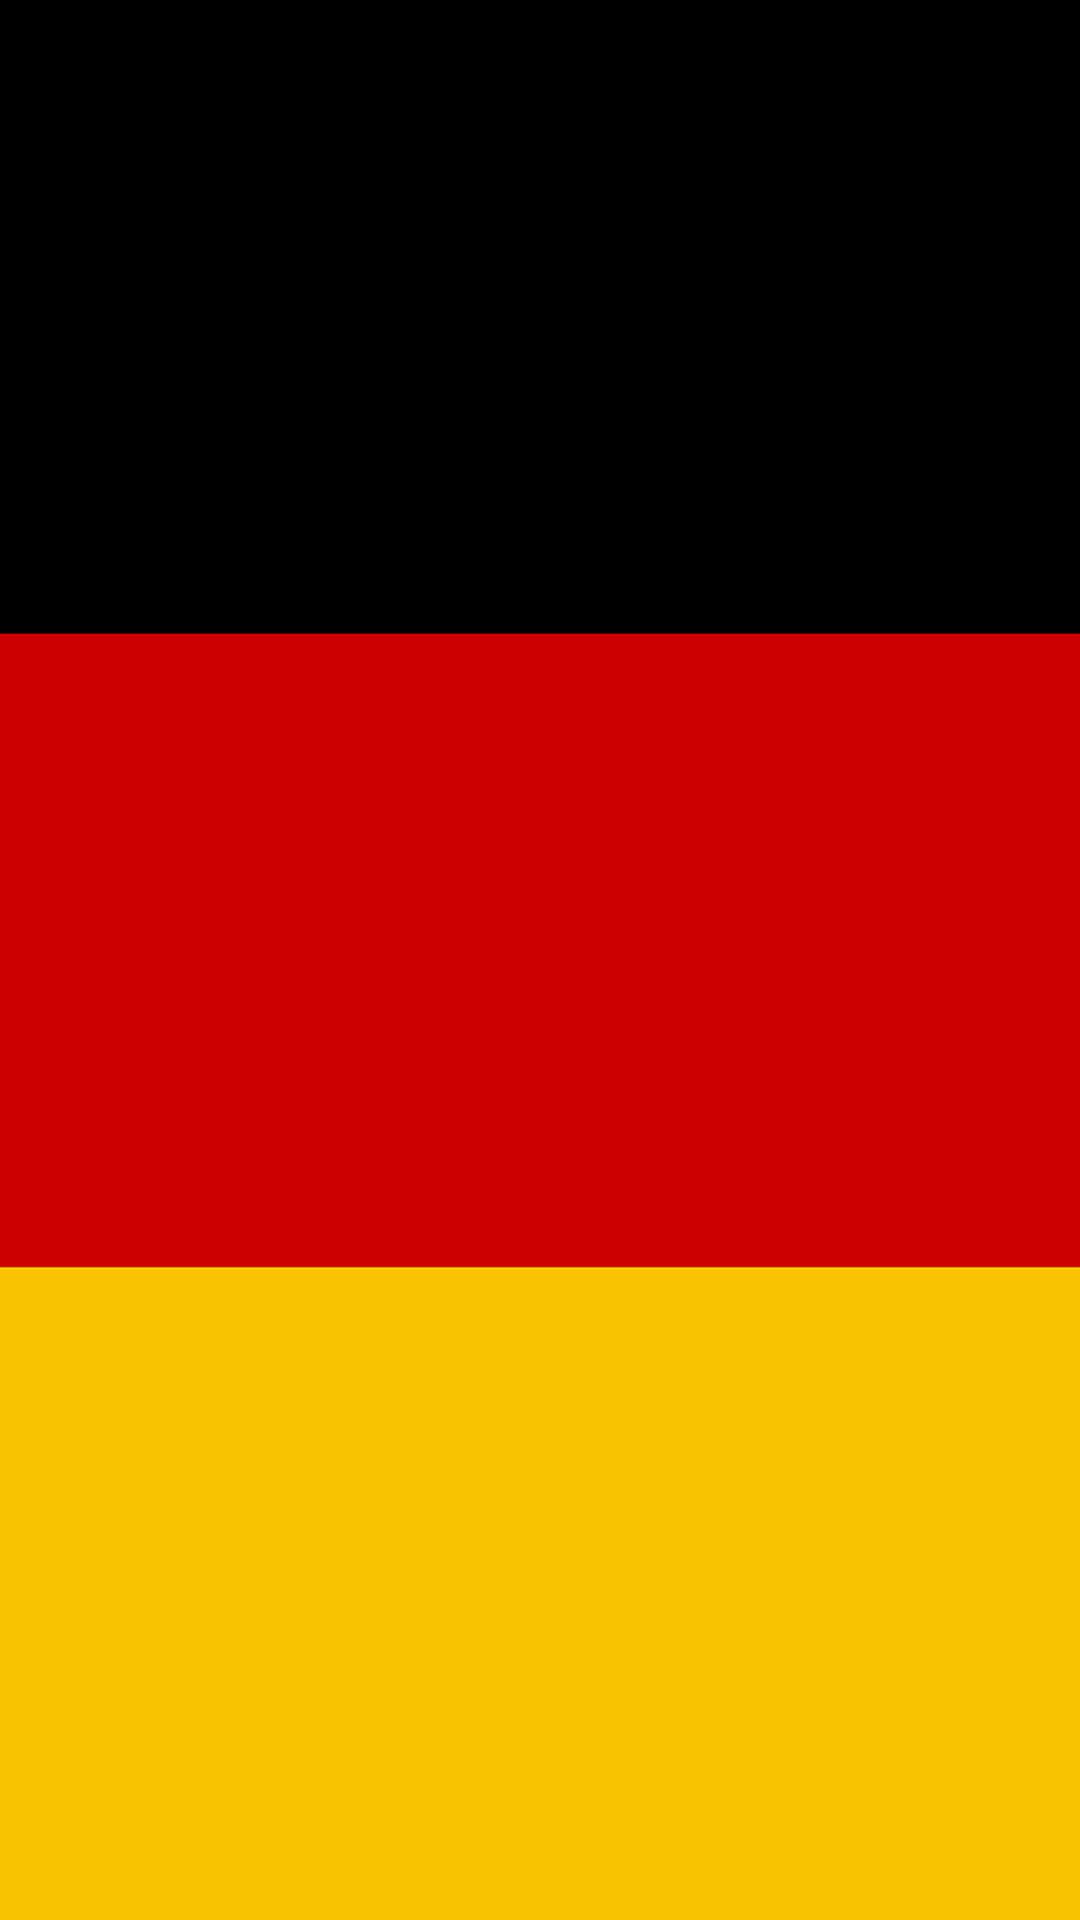 Deutsche Flagge   Handy Bilder 1080x1920